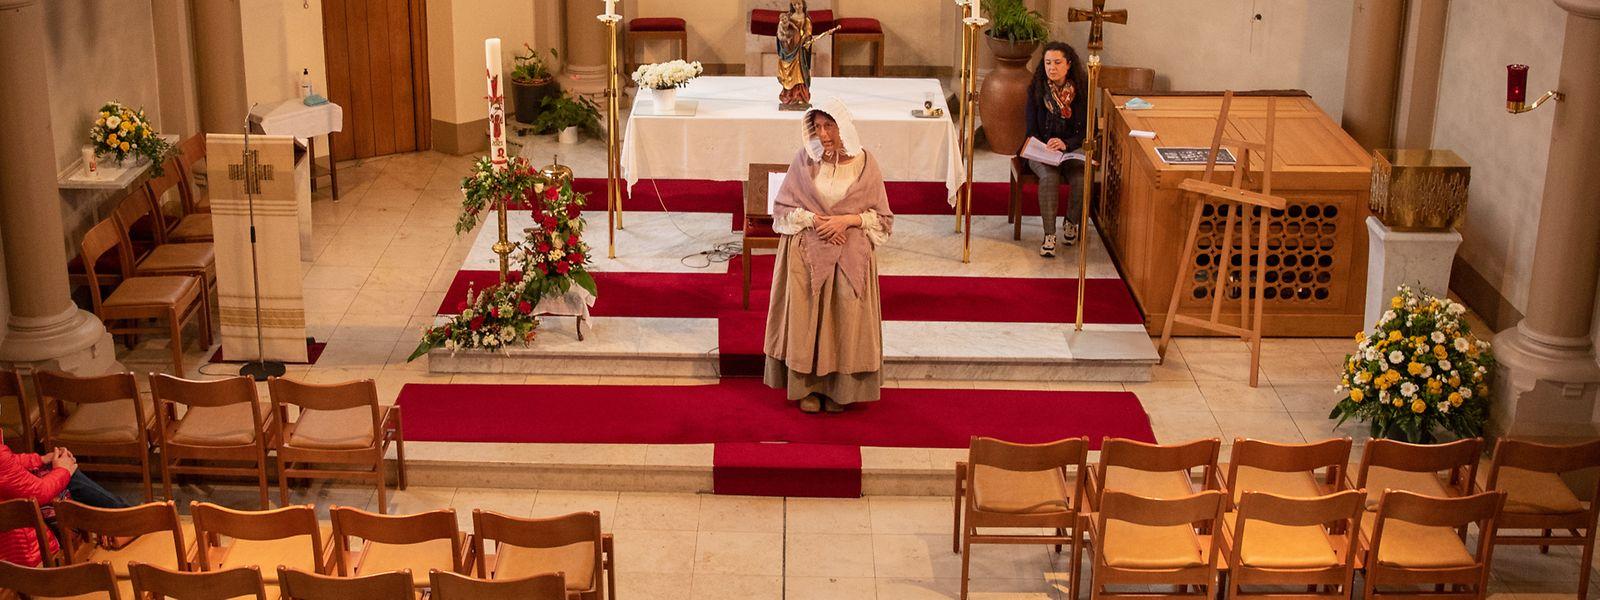 Die erste Stunde der zweistündigen Tour verbringen die Teilnehmer in der Glacis-Kapelle, wo sie durch ein szenisches Spiel in die Entstehung der Oktave eingeführt werden.